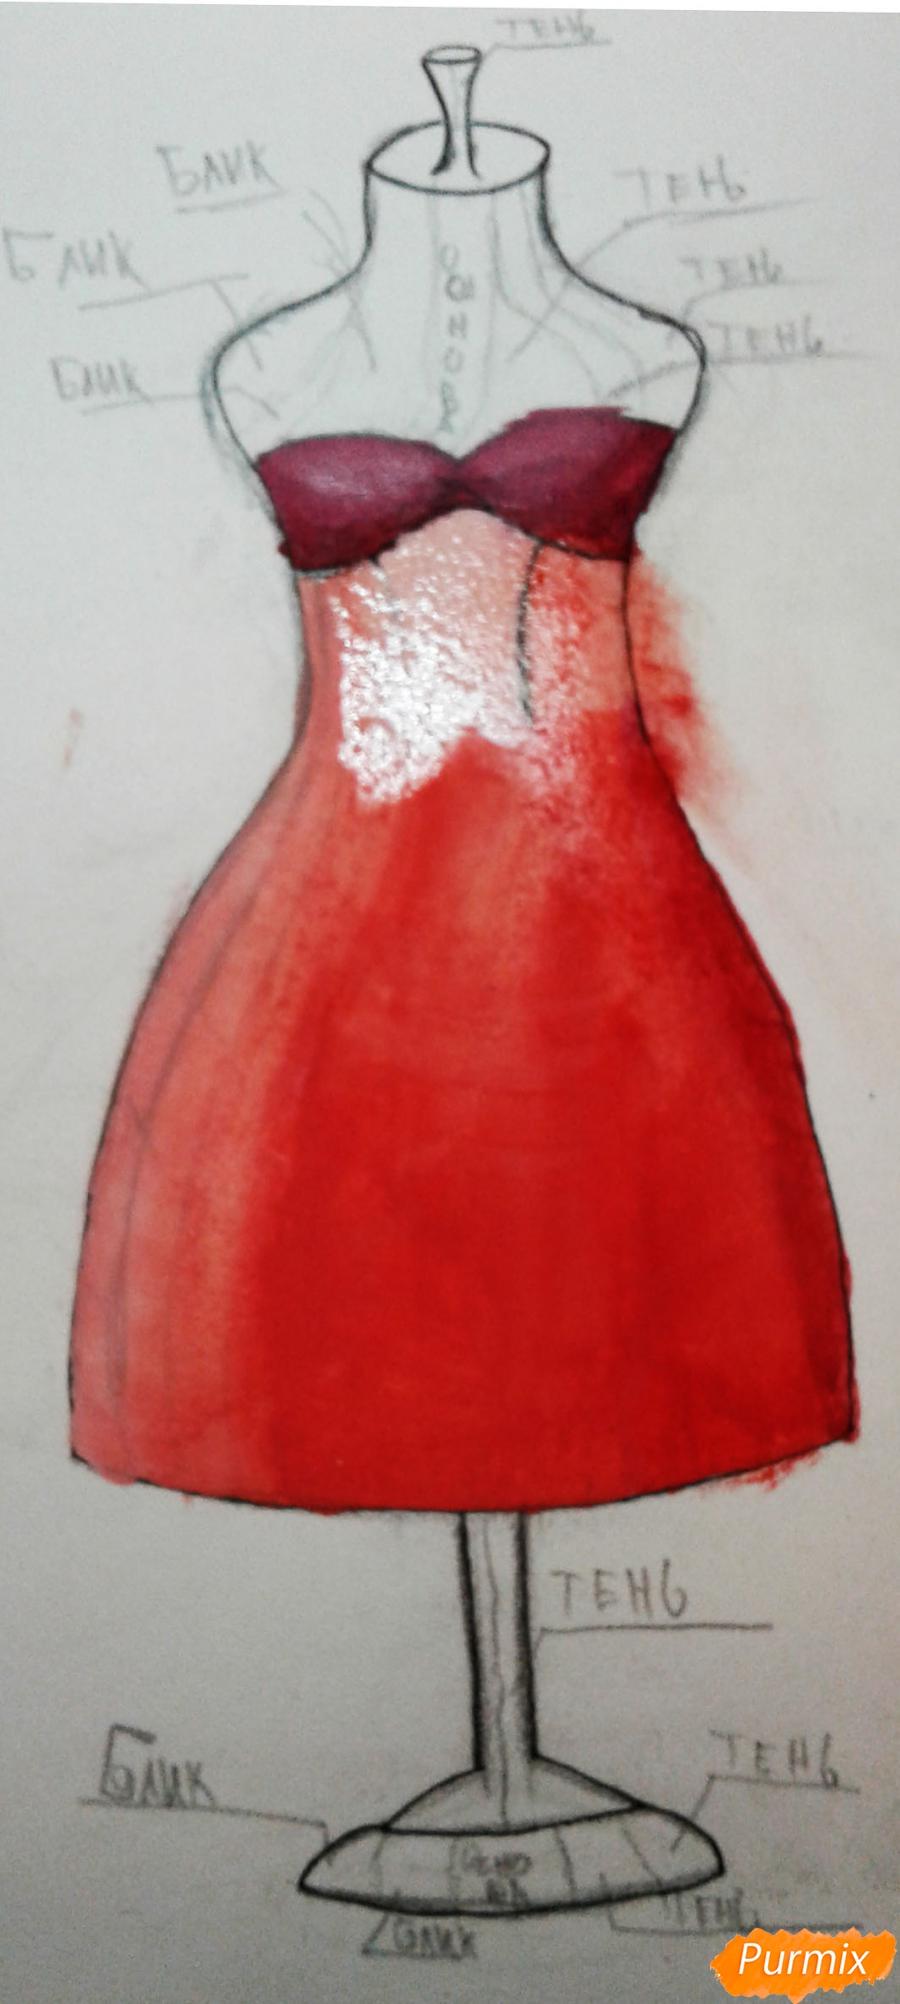 Рисуем и раскрасить платье на манекене акварелью - шаг 6